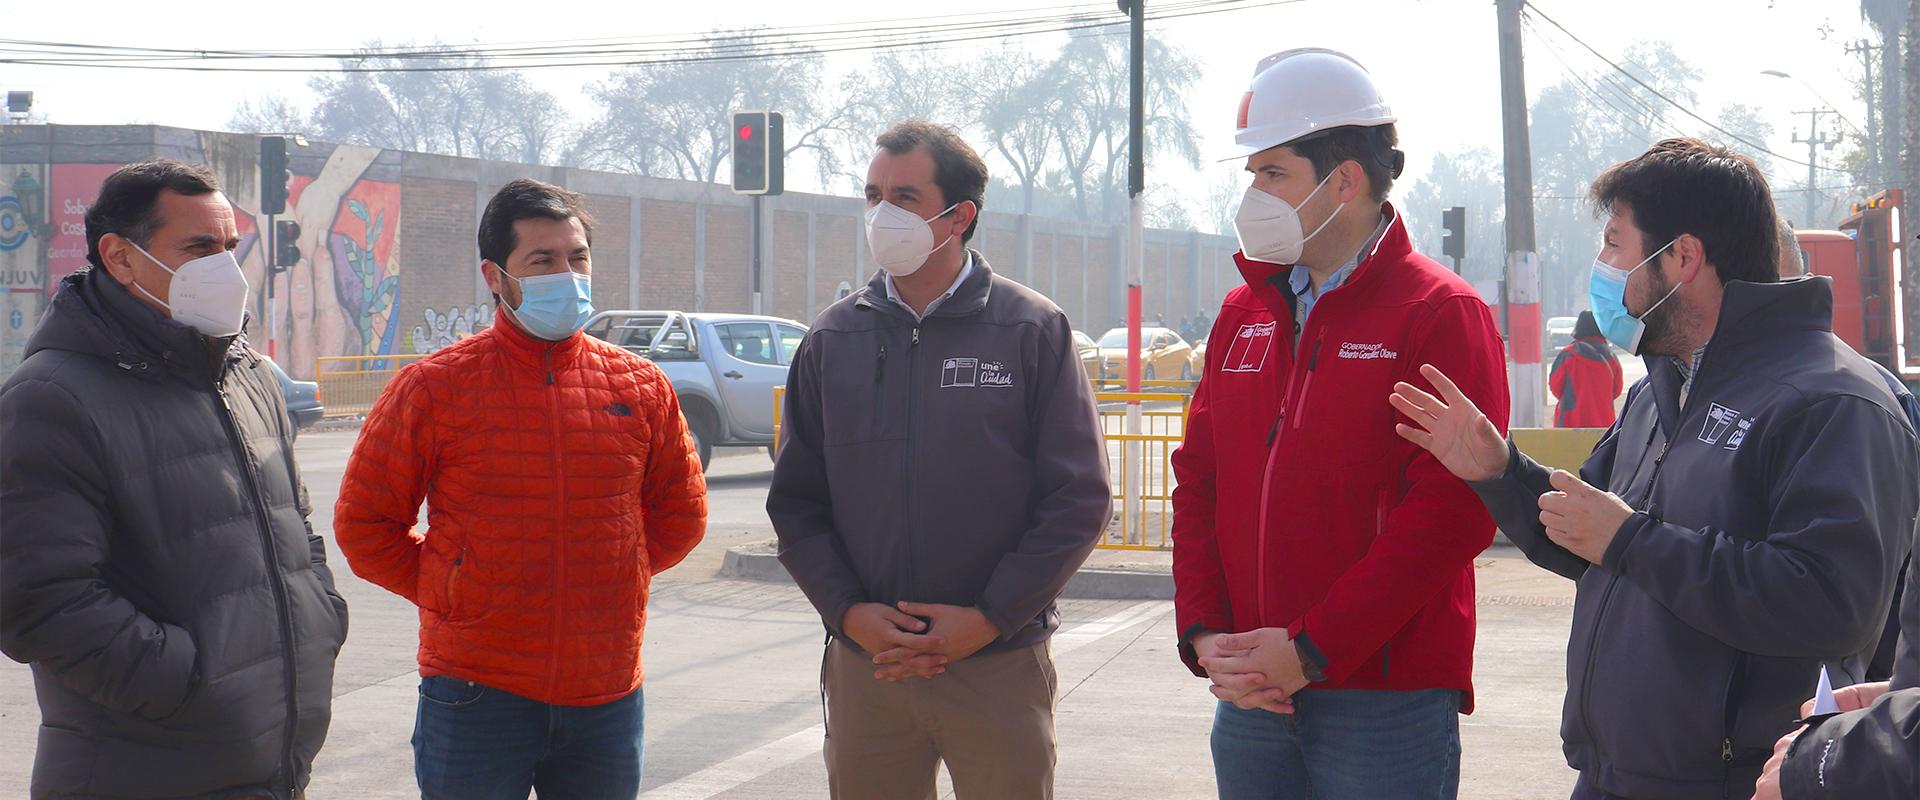 autoridades conversan en la esquina de avenida Freire y acceso a El Boldo